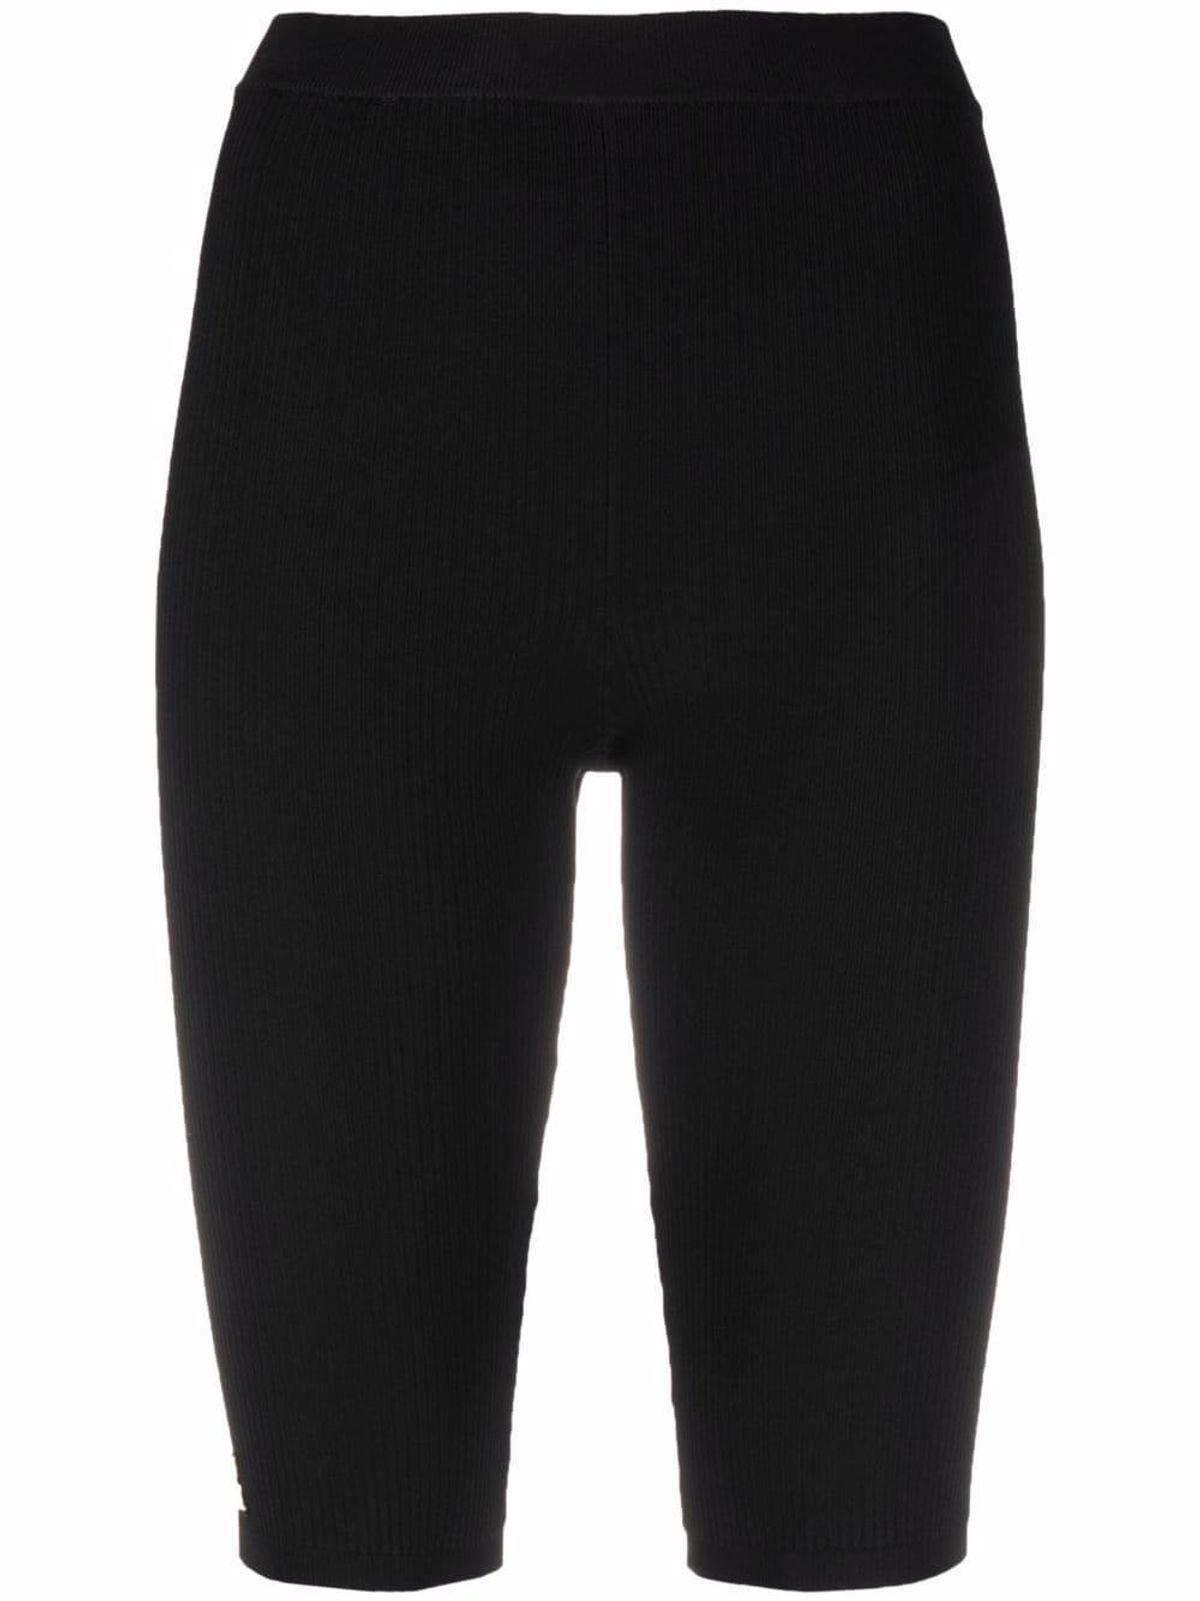 Logo Plaque Knee Length Shorts